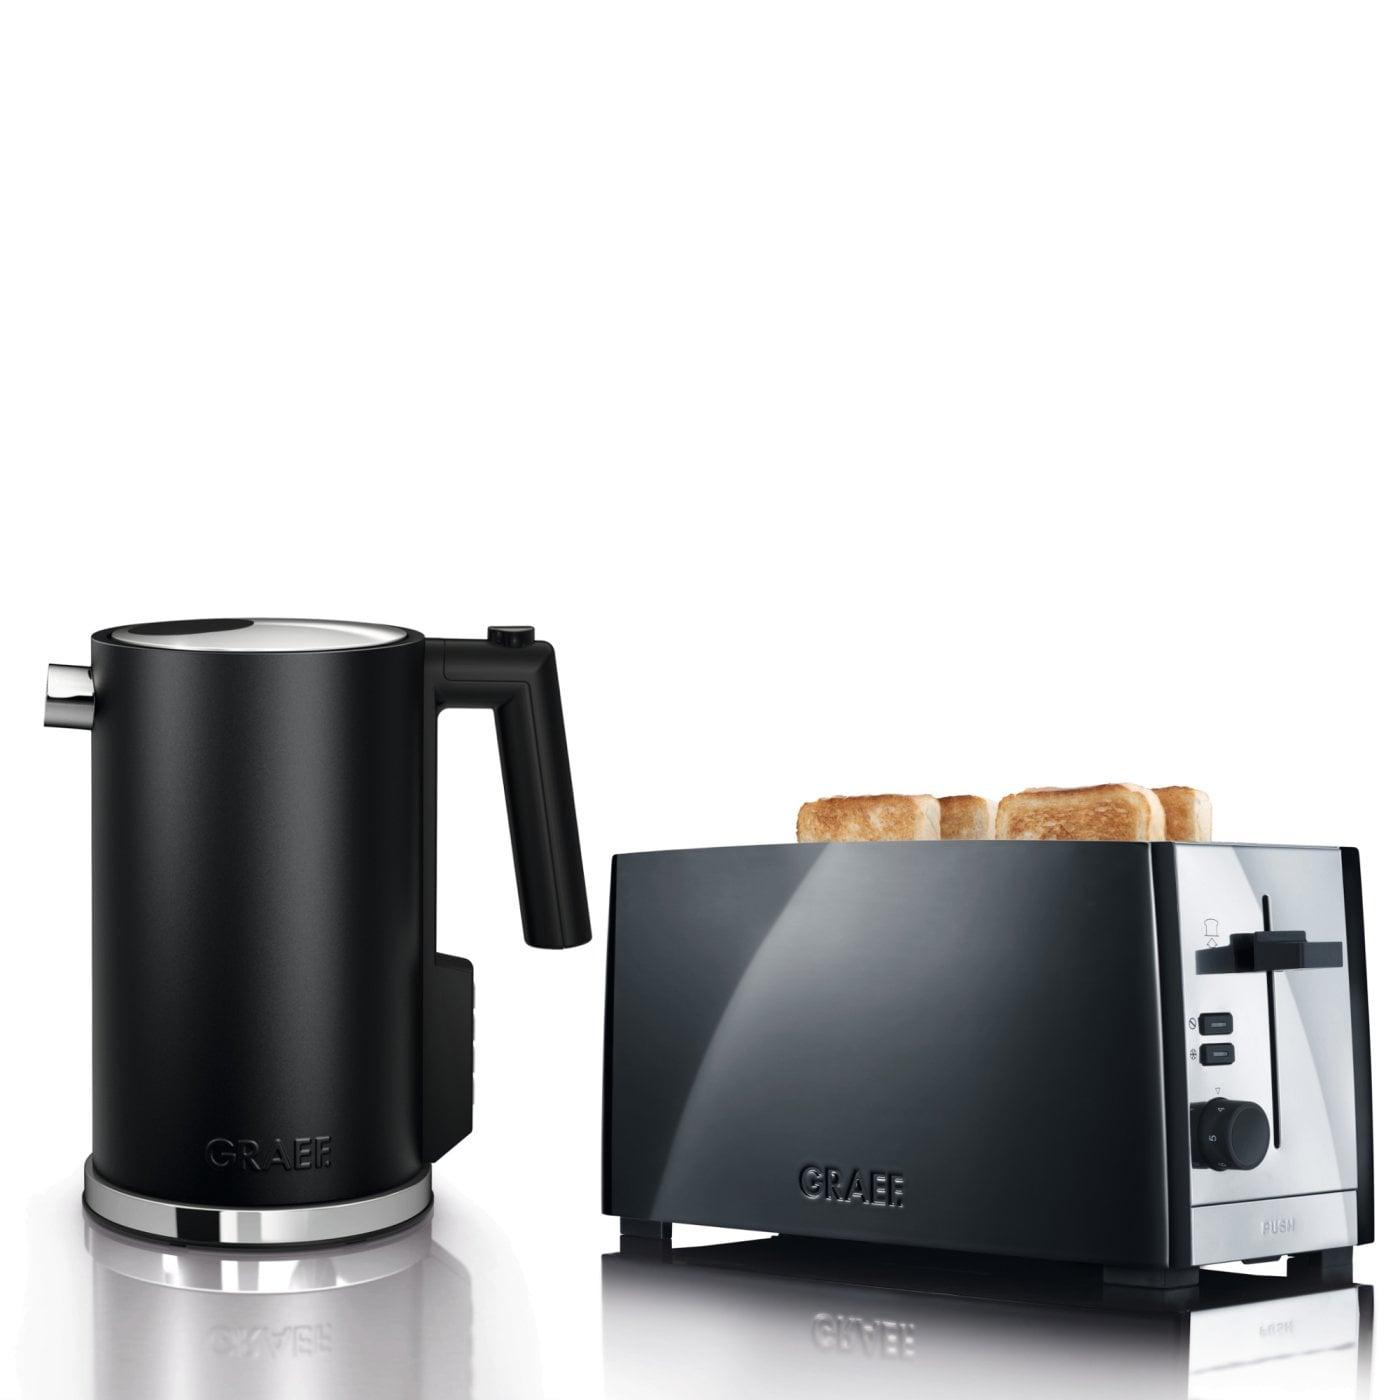 set wasserkocher toaster wk902eu und to102eu graef. Black Bedroom Furniture Sets. Home Design Ideas